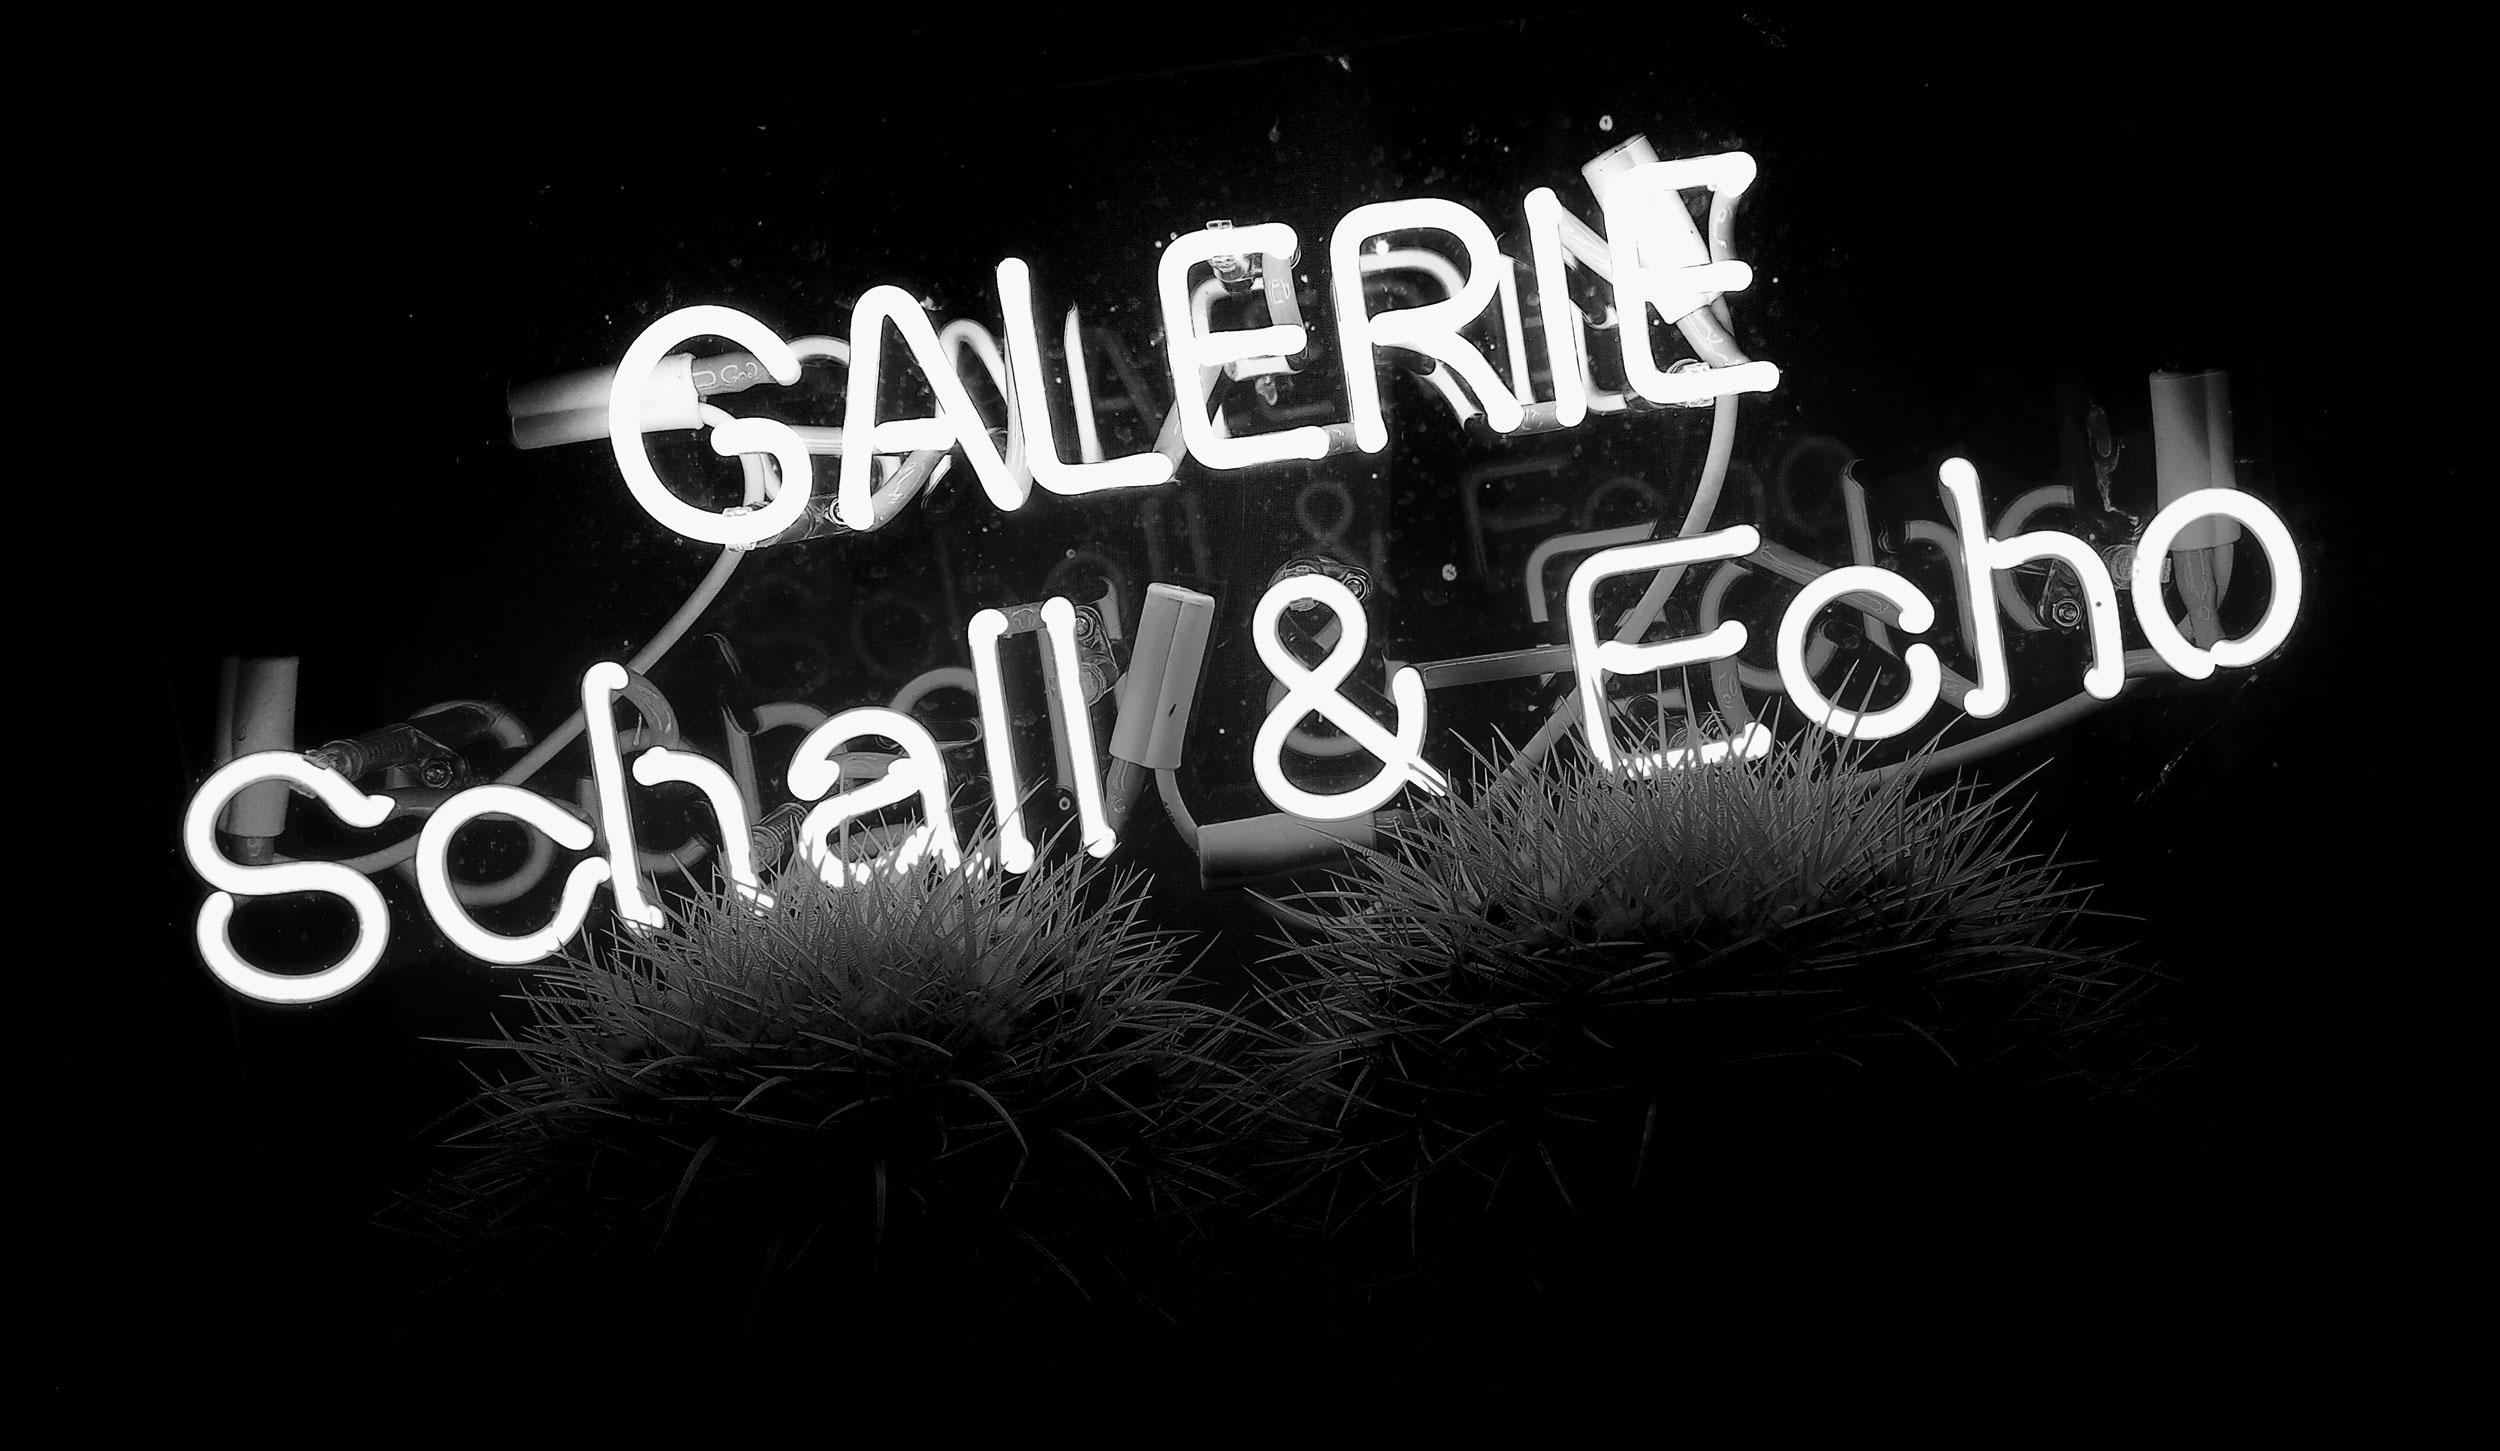 Galerie Schall und Echo